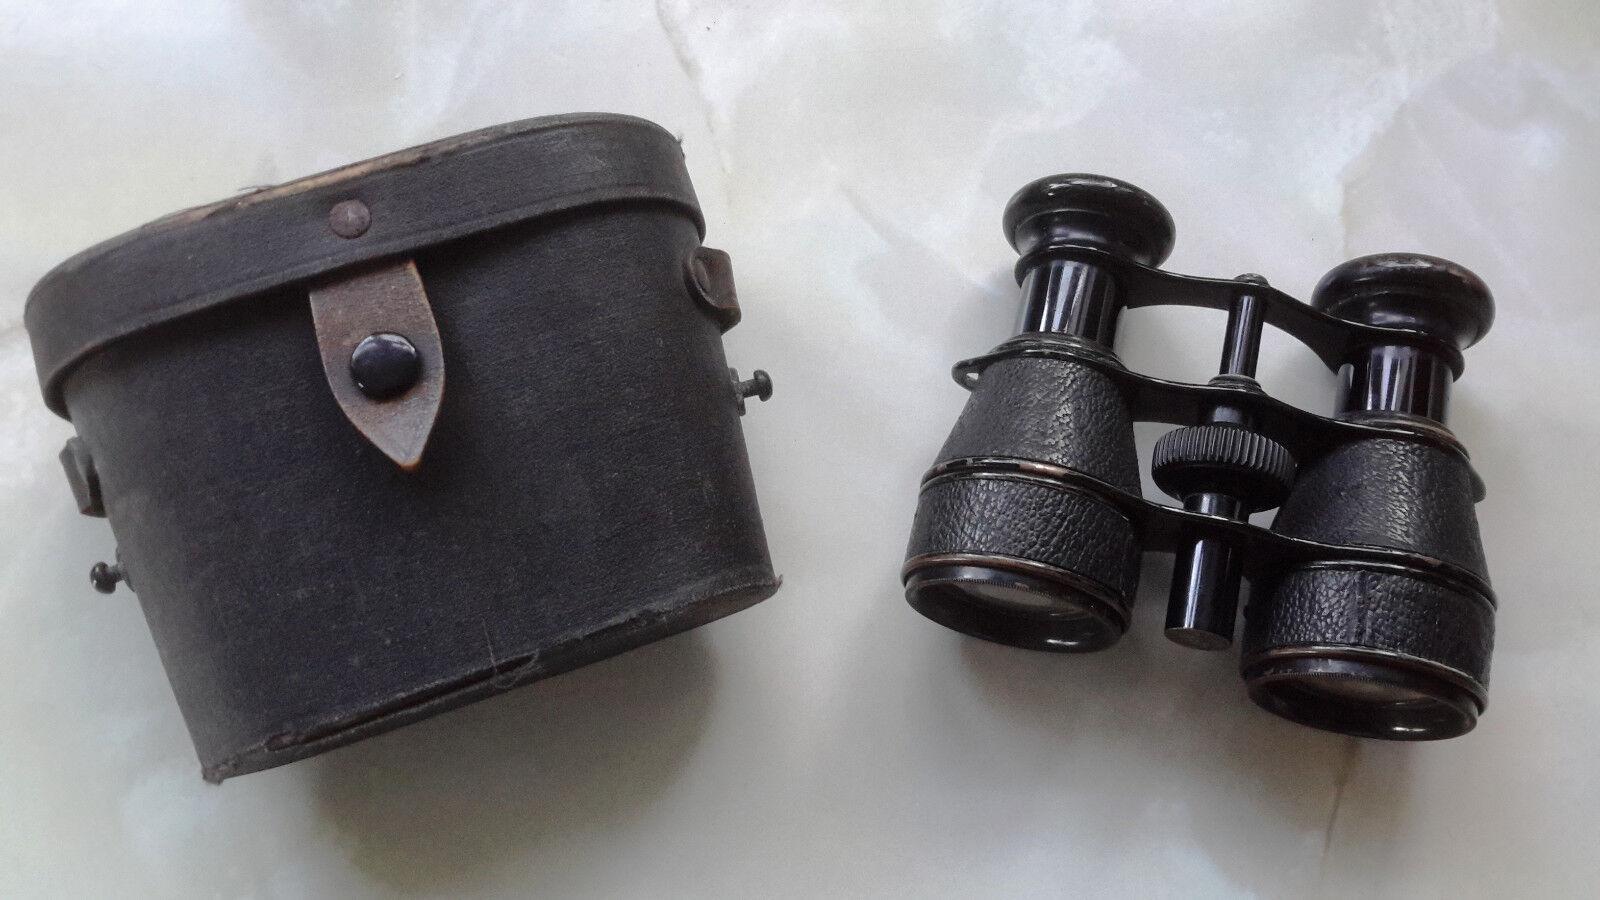 Opera Glasses Vintage in Case (Missing Shoulder Strap)